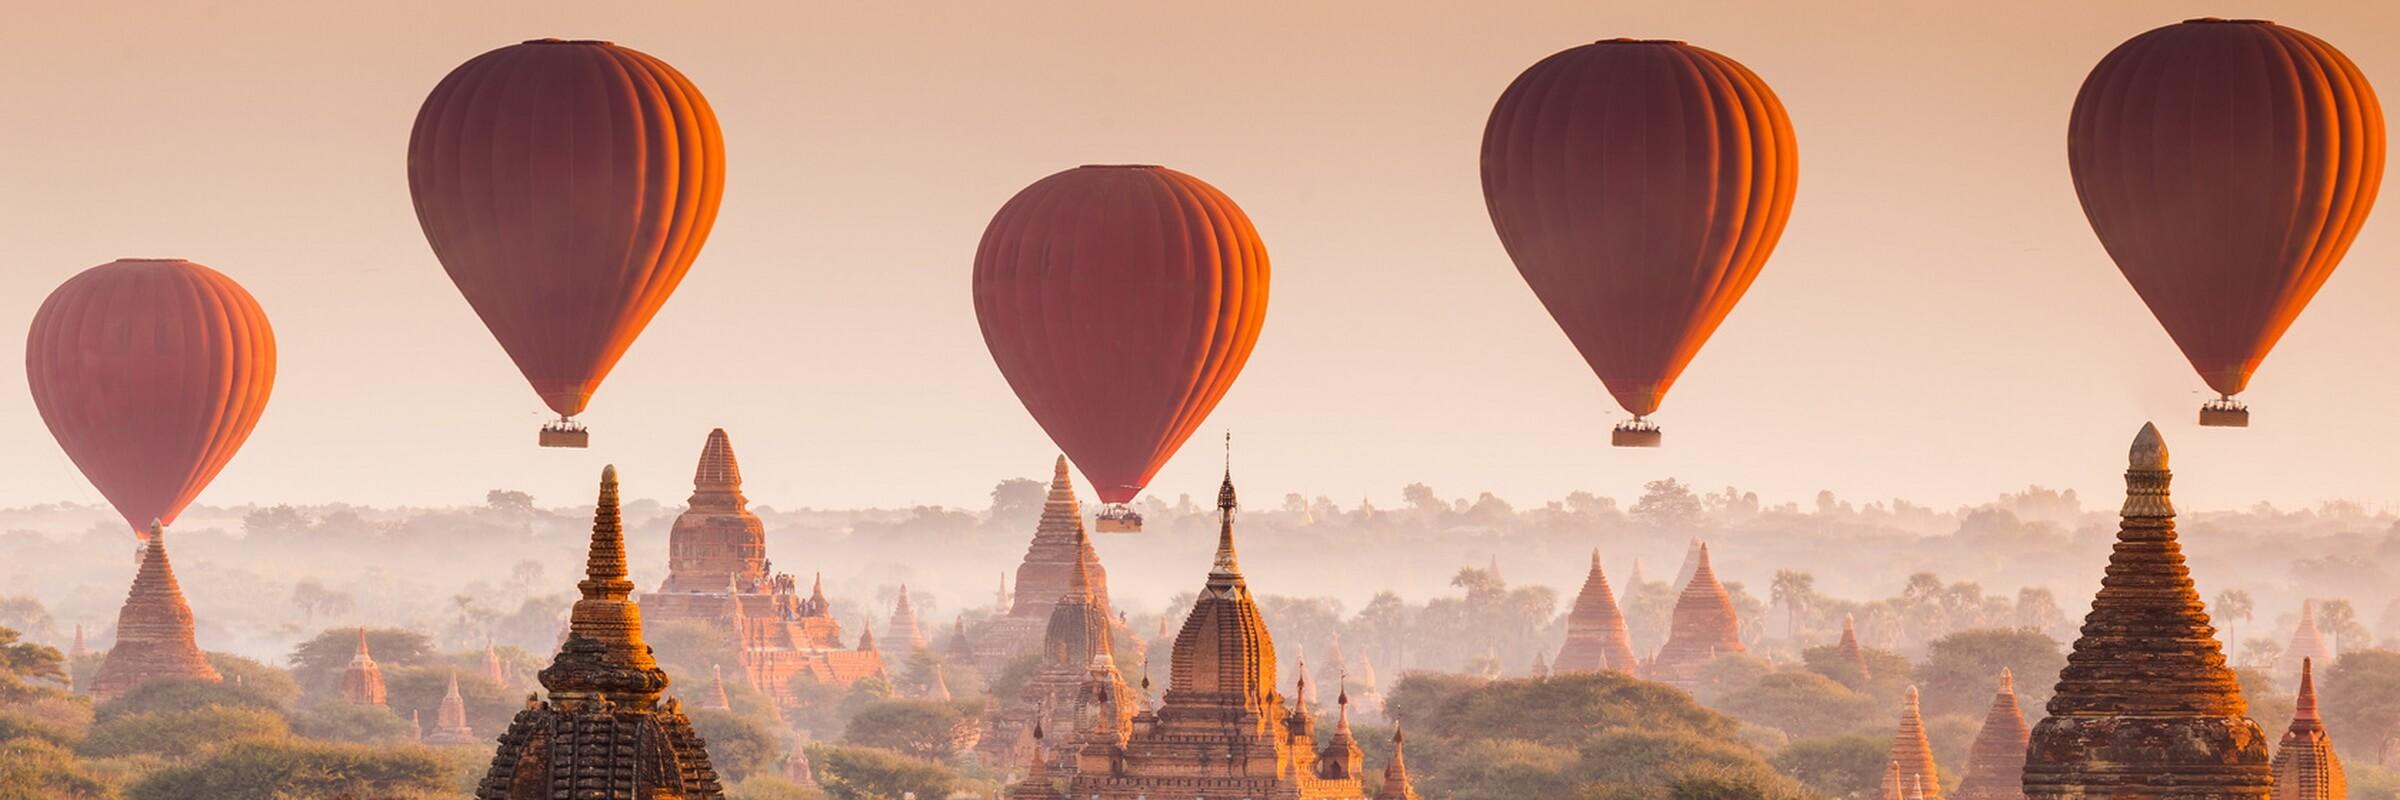 Höhepunkt einer Myanmar Reise: Ballonfahrten über das Tempelfeld der historischen Königsstadt Bagan